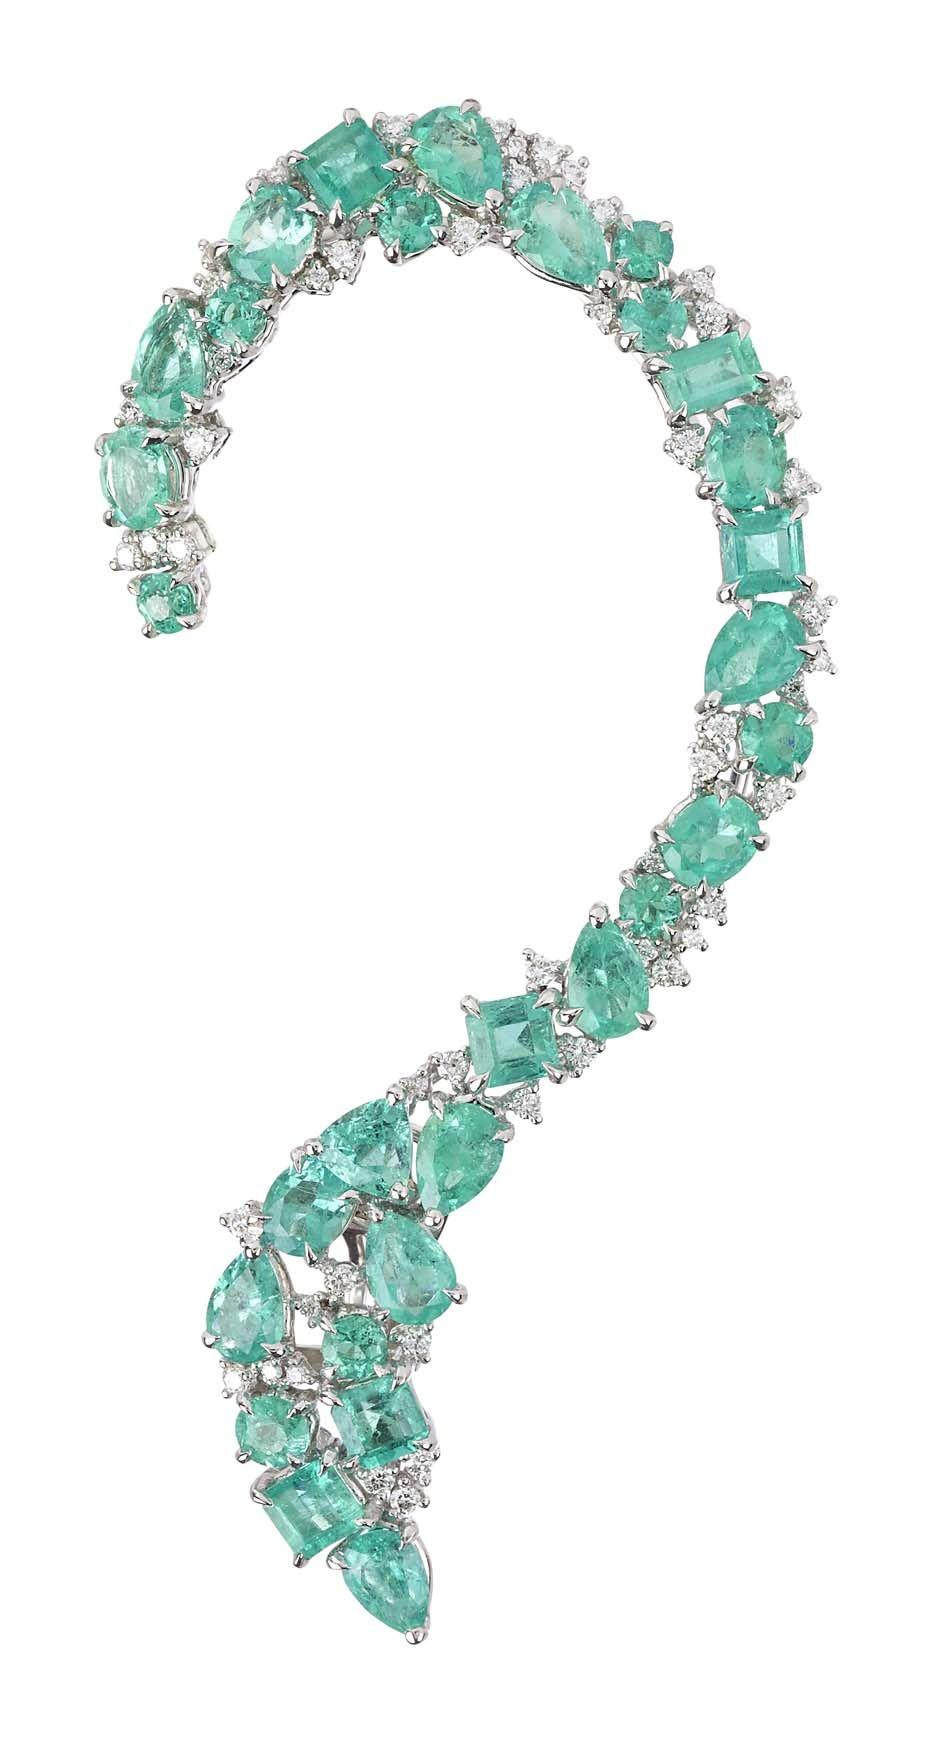 Gaydamak Emerald Ring and Cuff Bracelet t2Nu5Pd